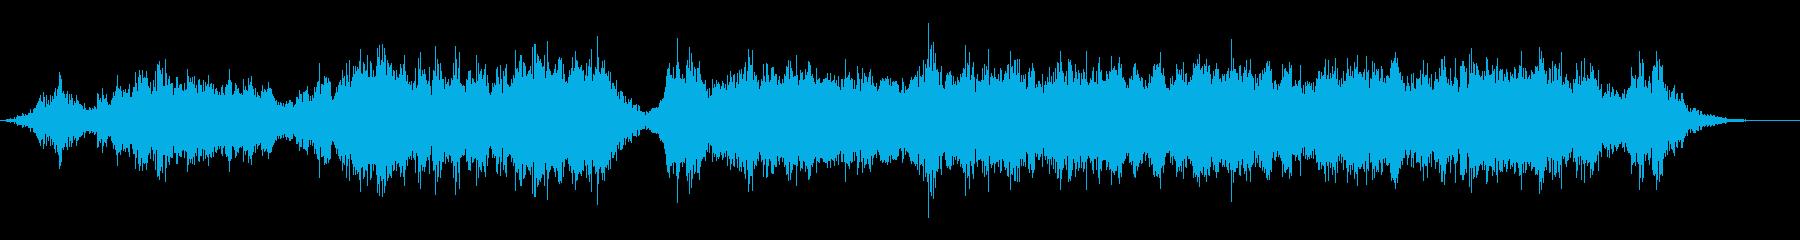 スペースエビルメタル; DIGIF...の再生済みの波形